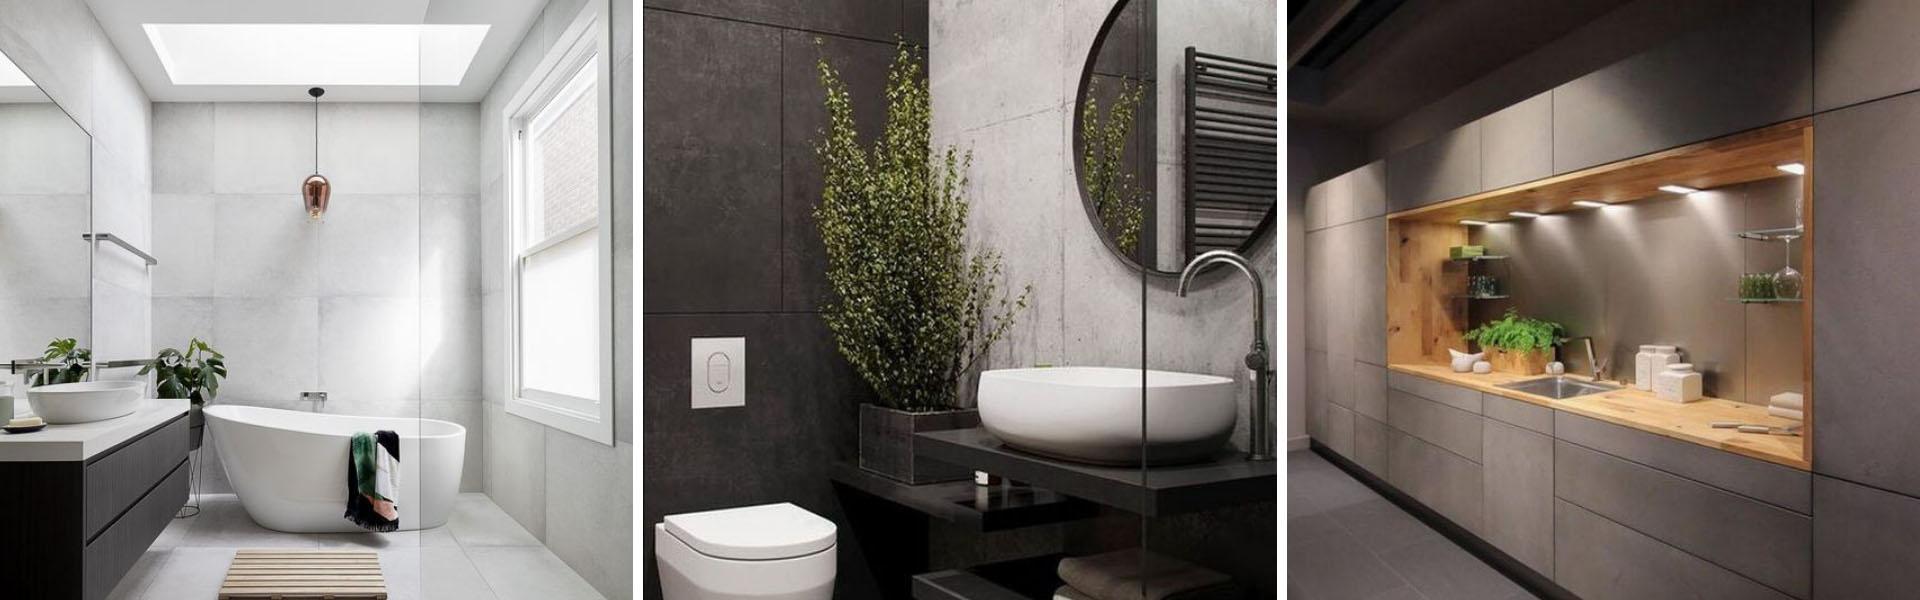 Couleur Vert Salle De Bain les couleurs tendance 2020 à intégrer à votre décor | kalla